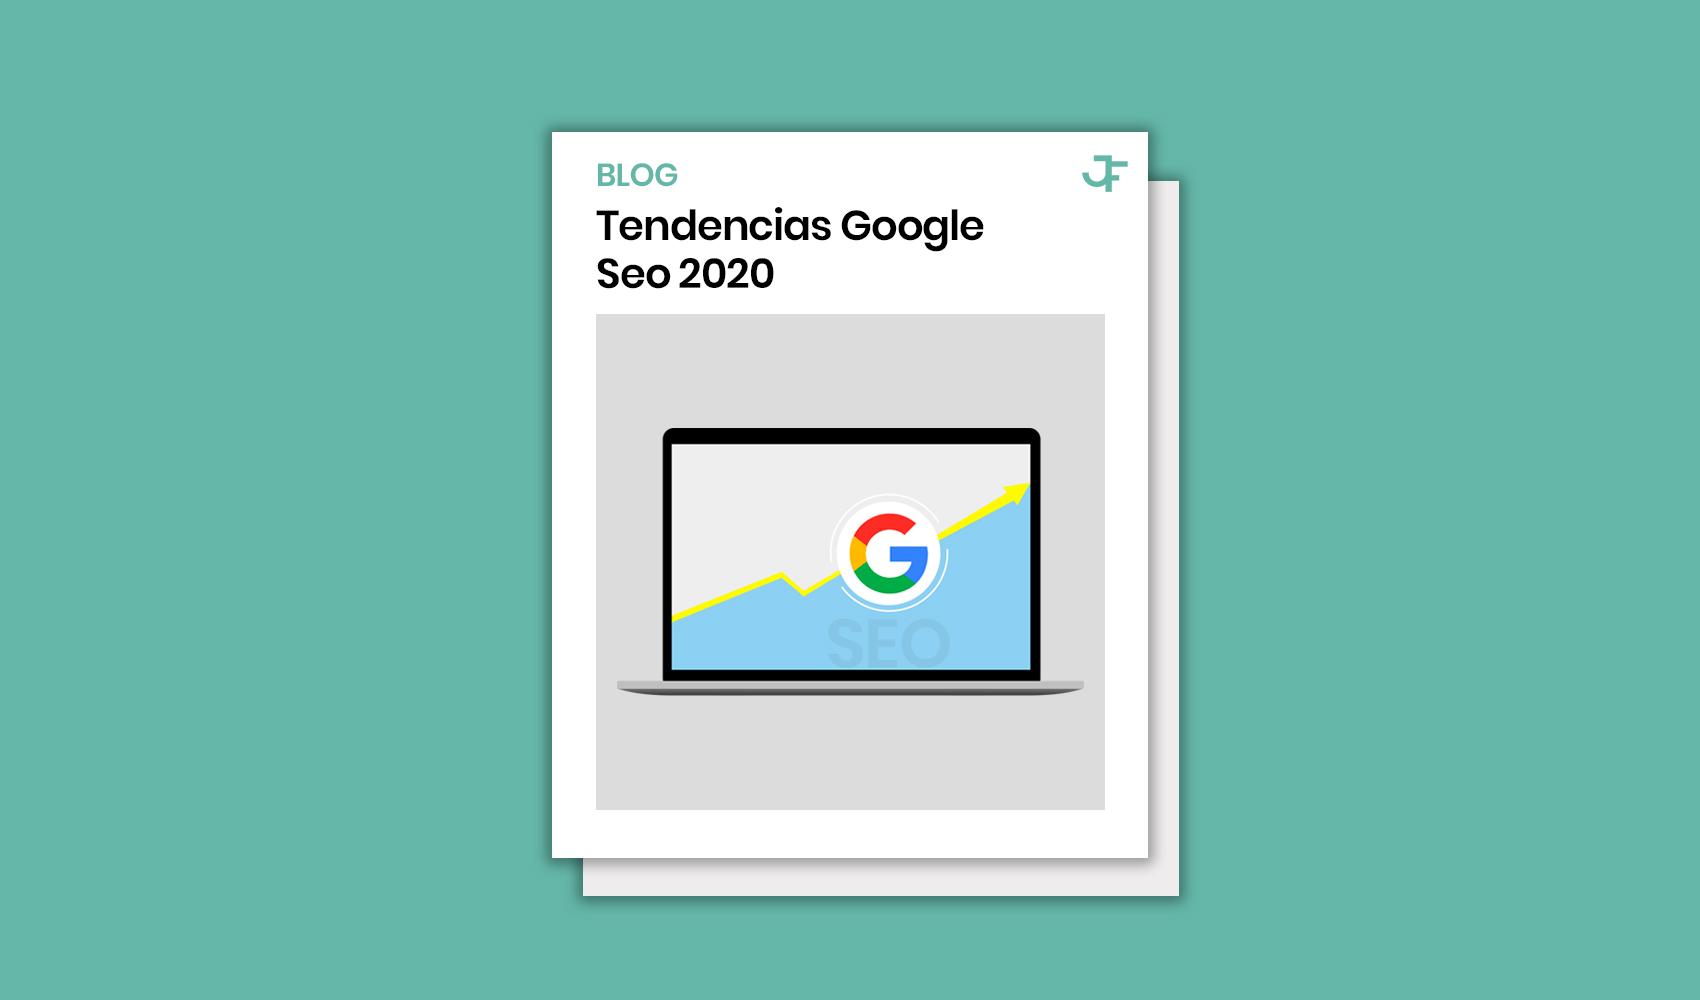 tendencias google seo 2020